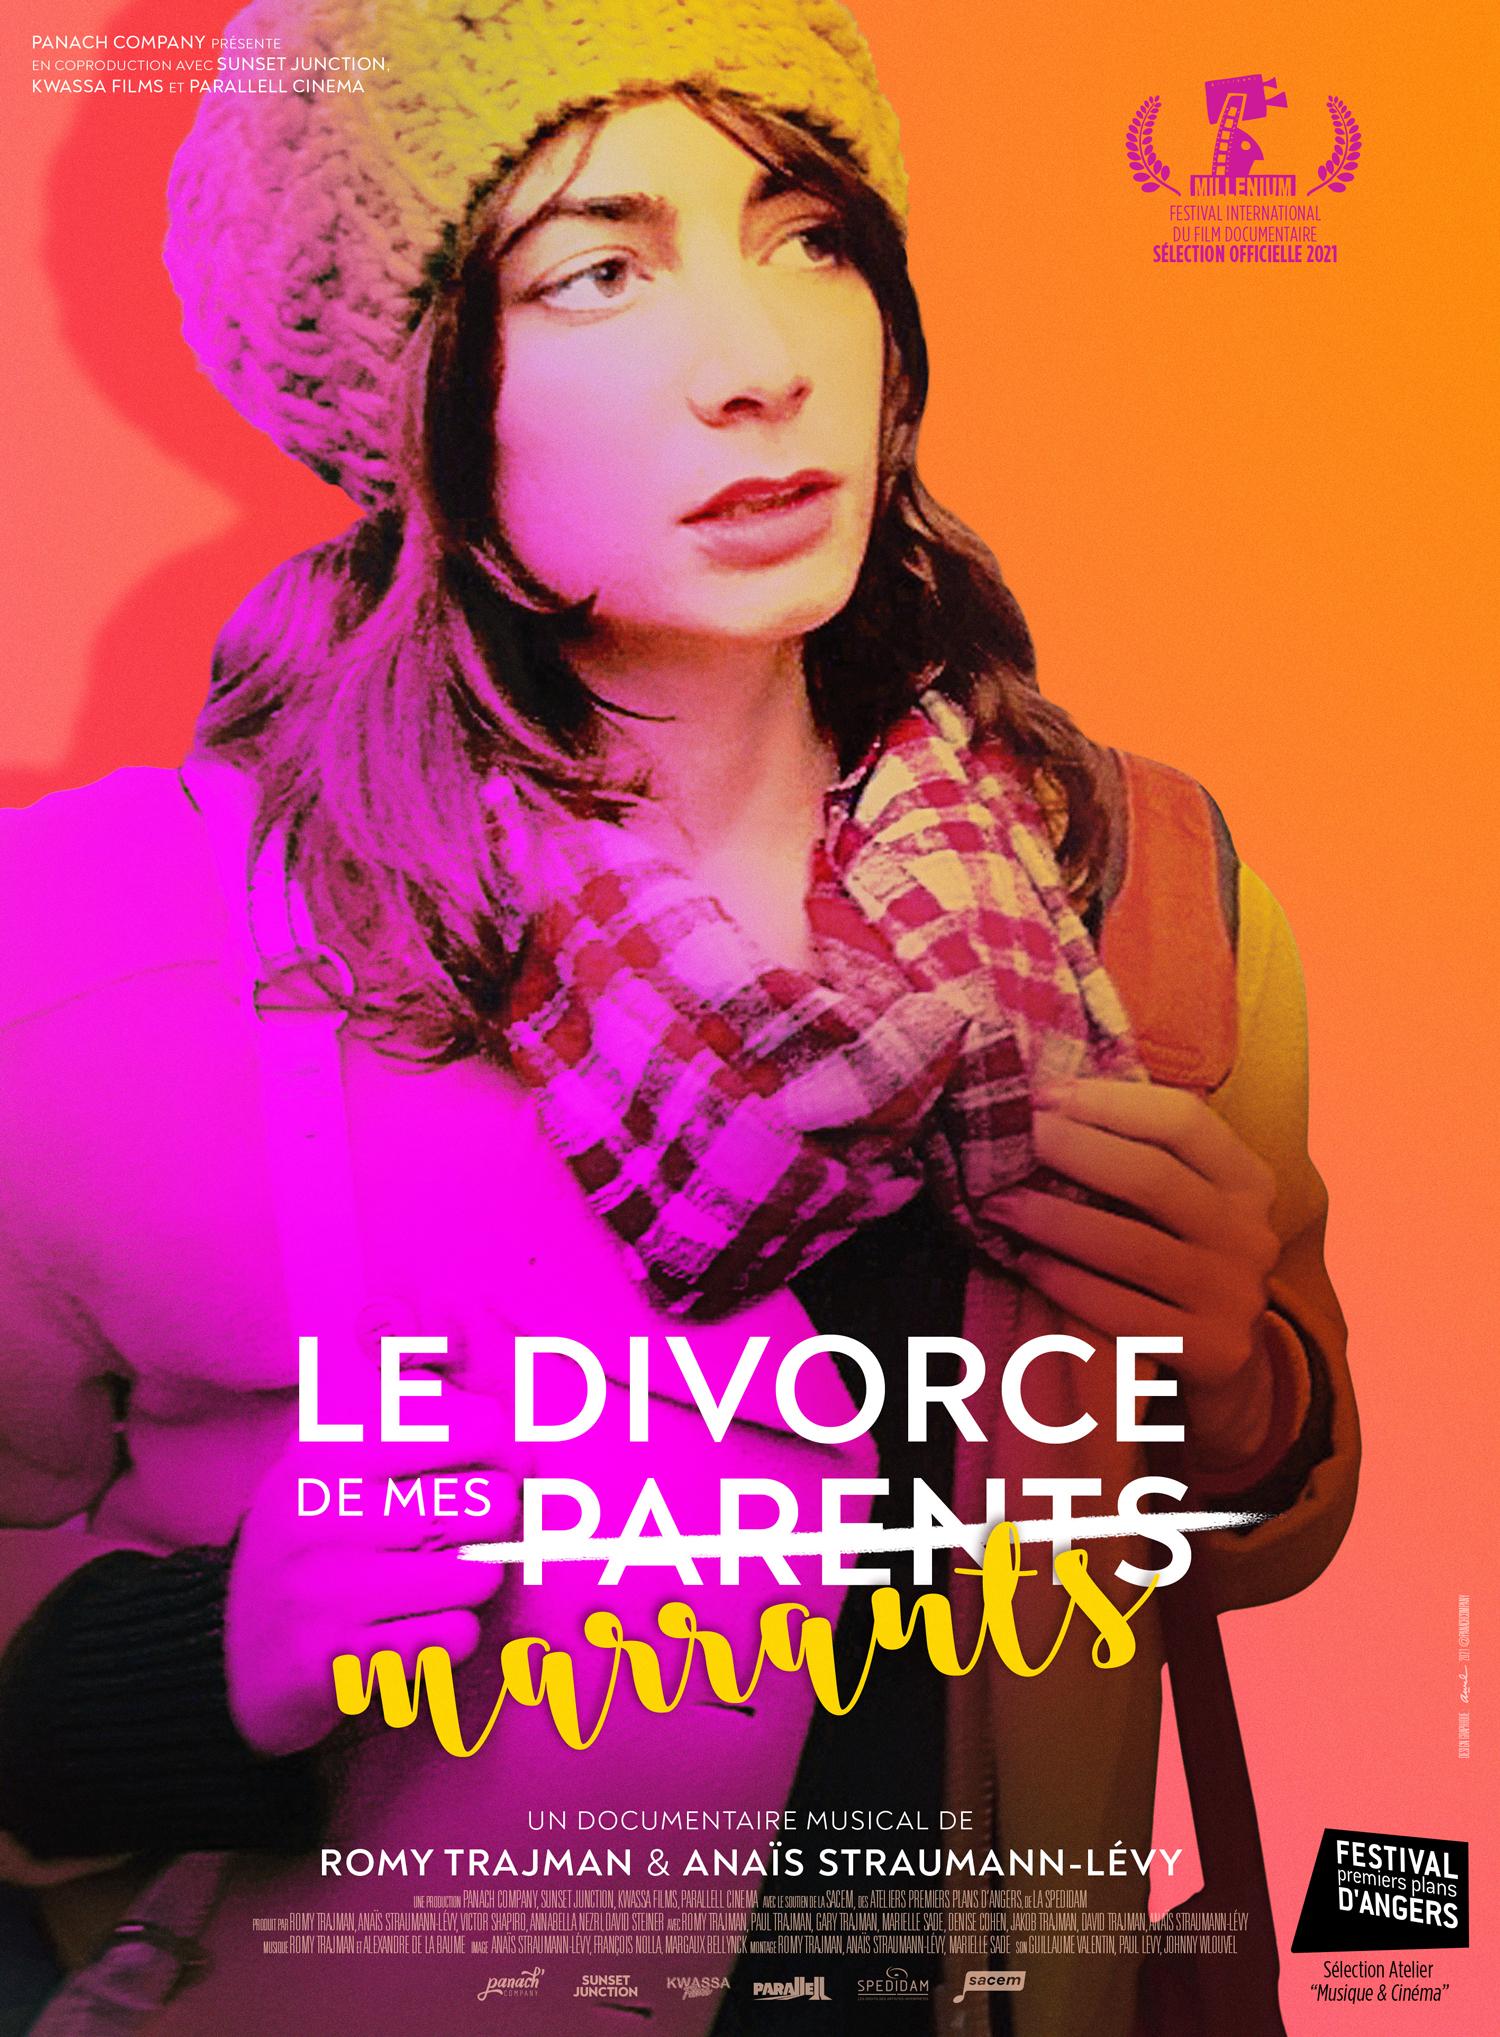 Le divorce de mes marrants Comment filmer l'irréconciliable?